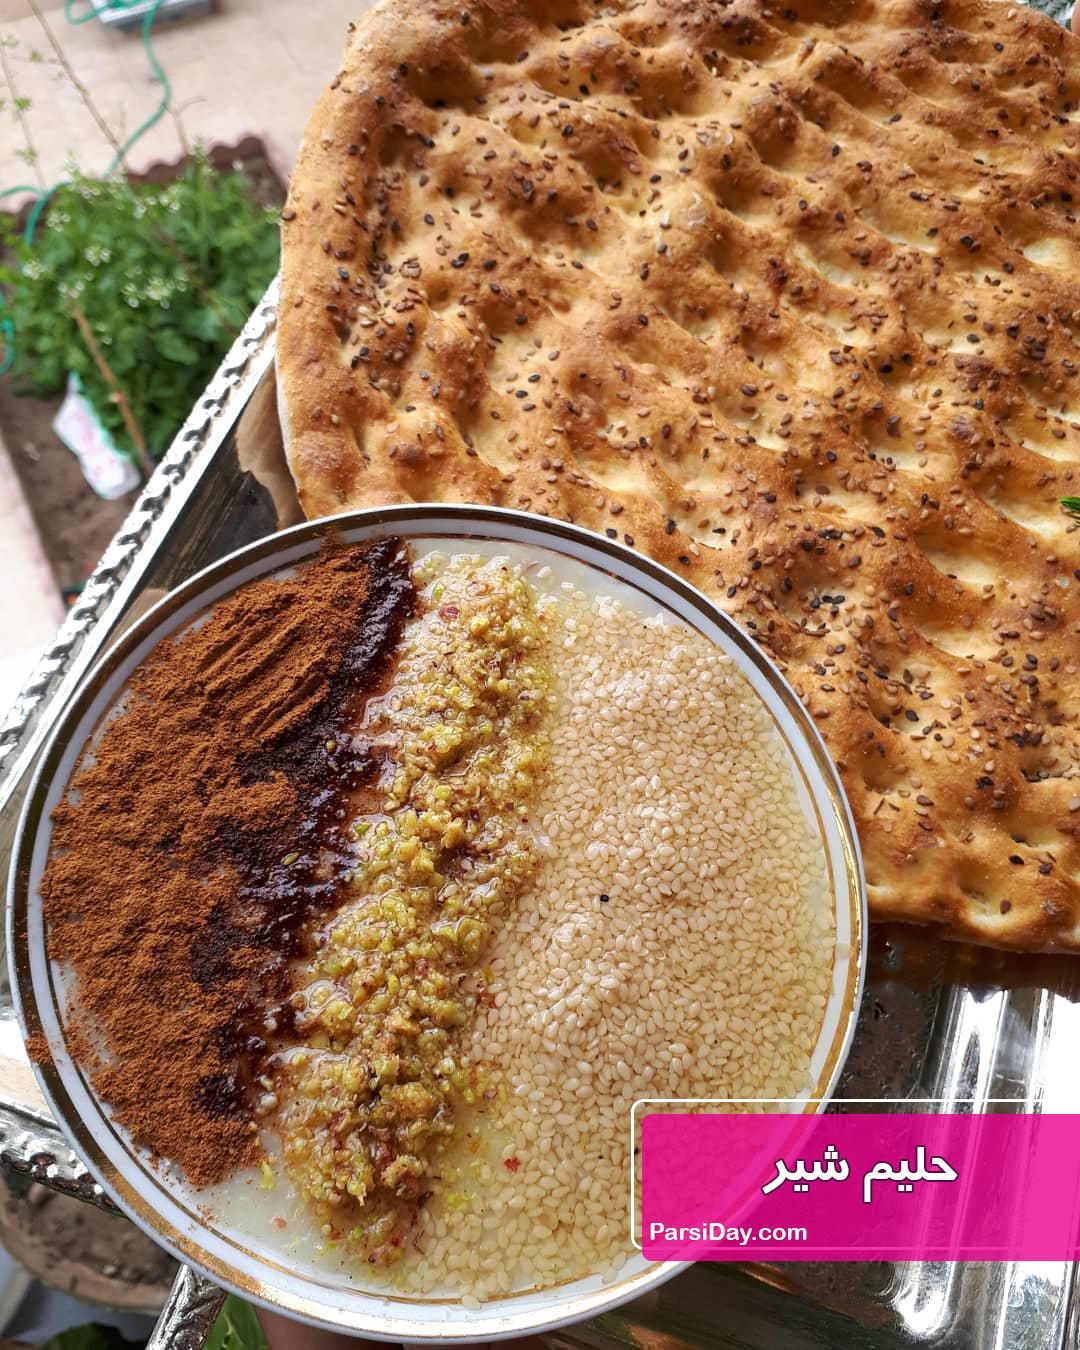 طرز تهیه حلیم شیر خوشمزه اصفهان با گندم پوست کنده و گوشت